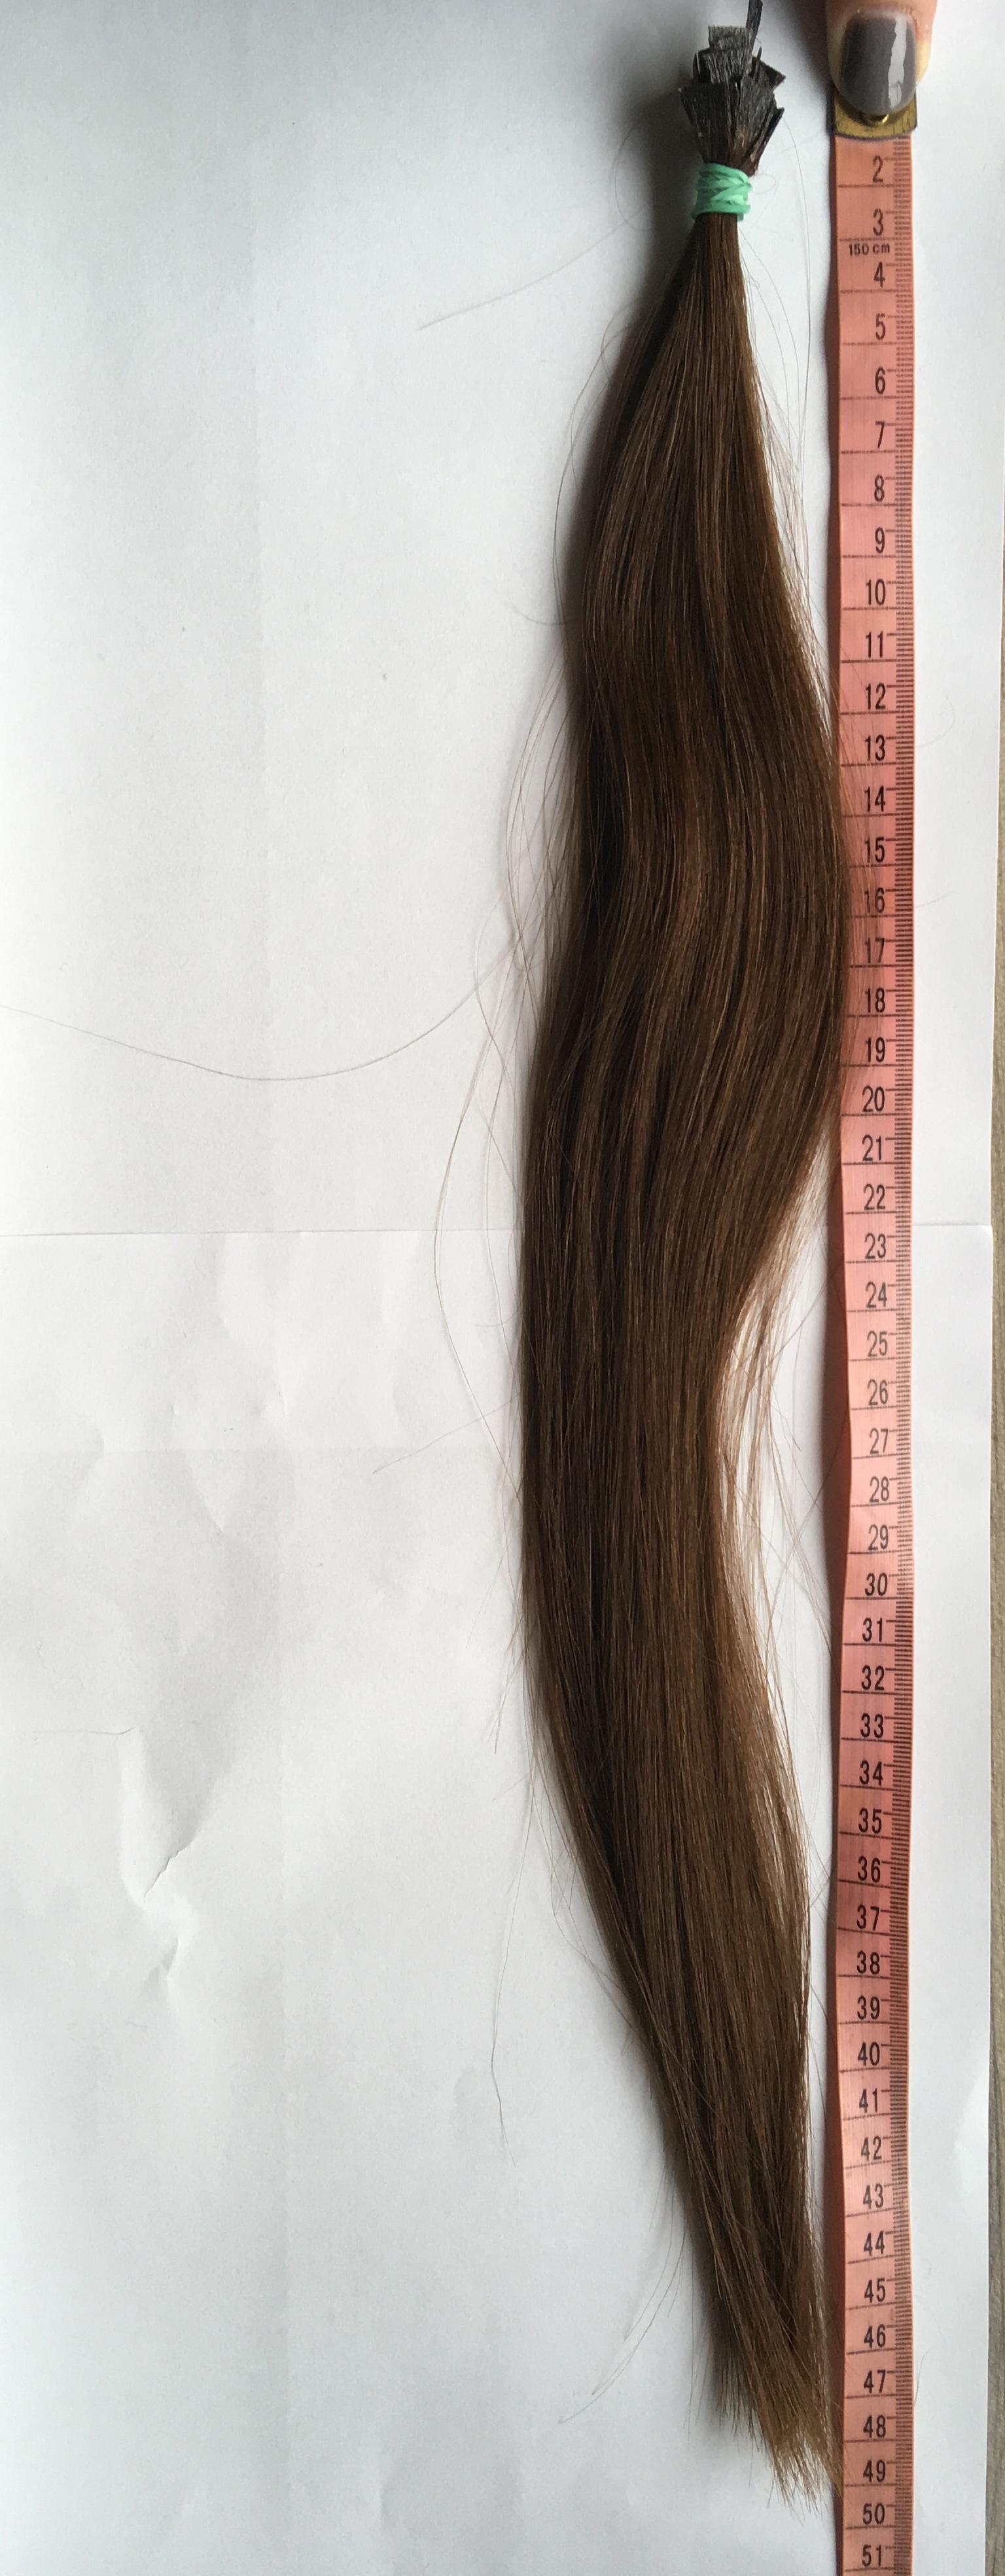 prodej vlasů ostrava